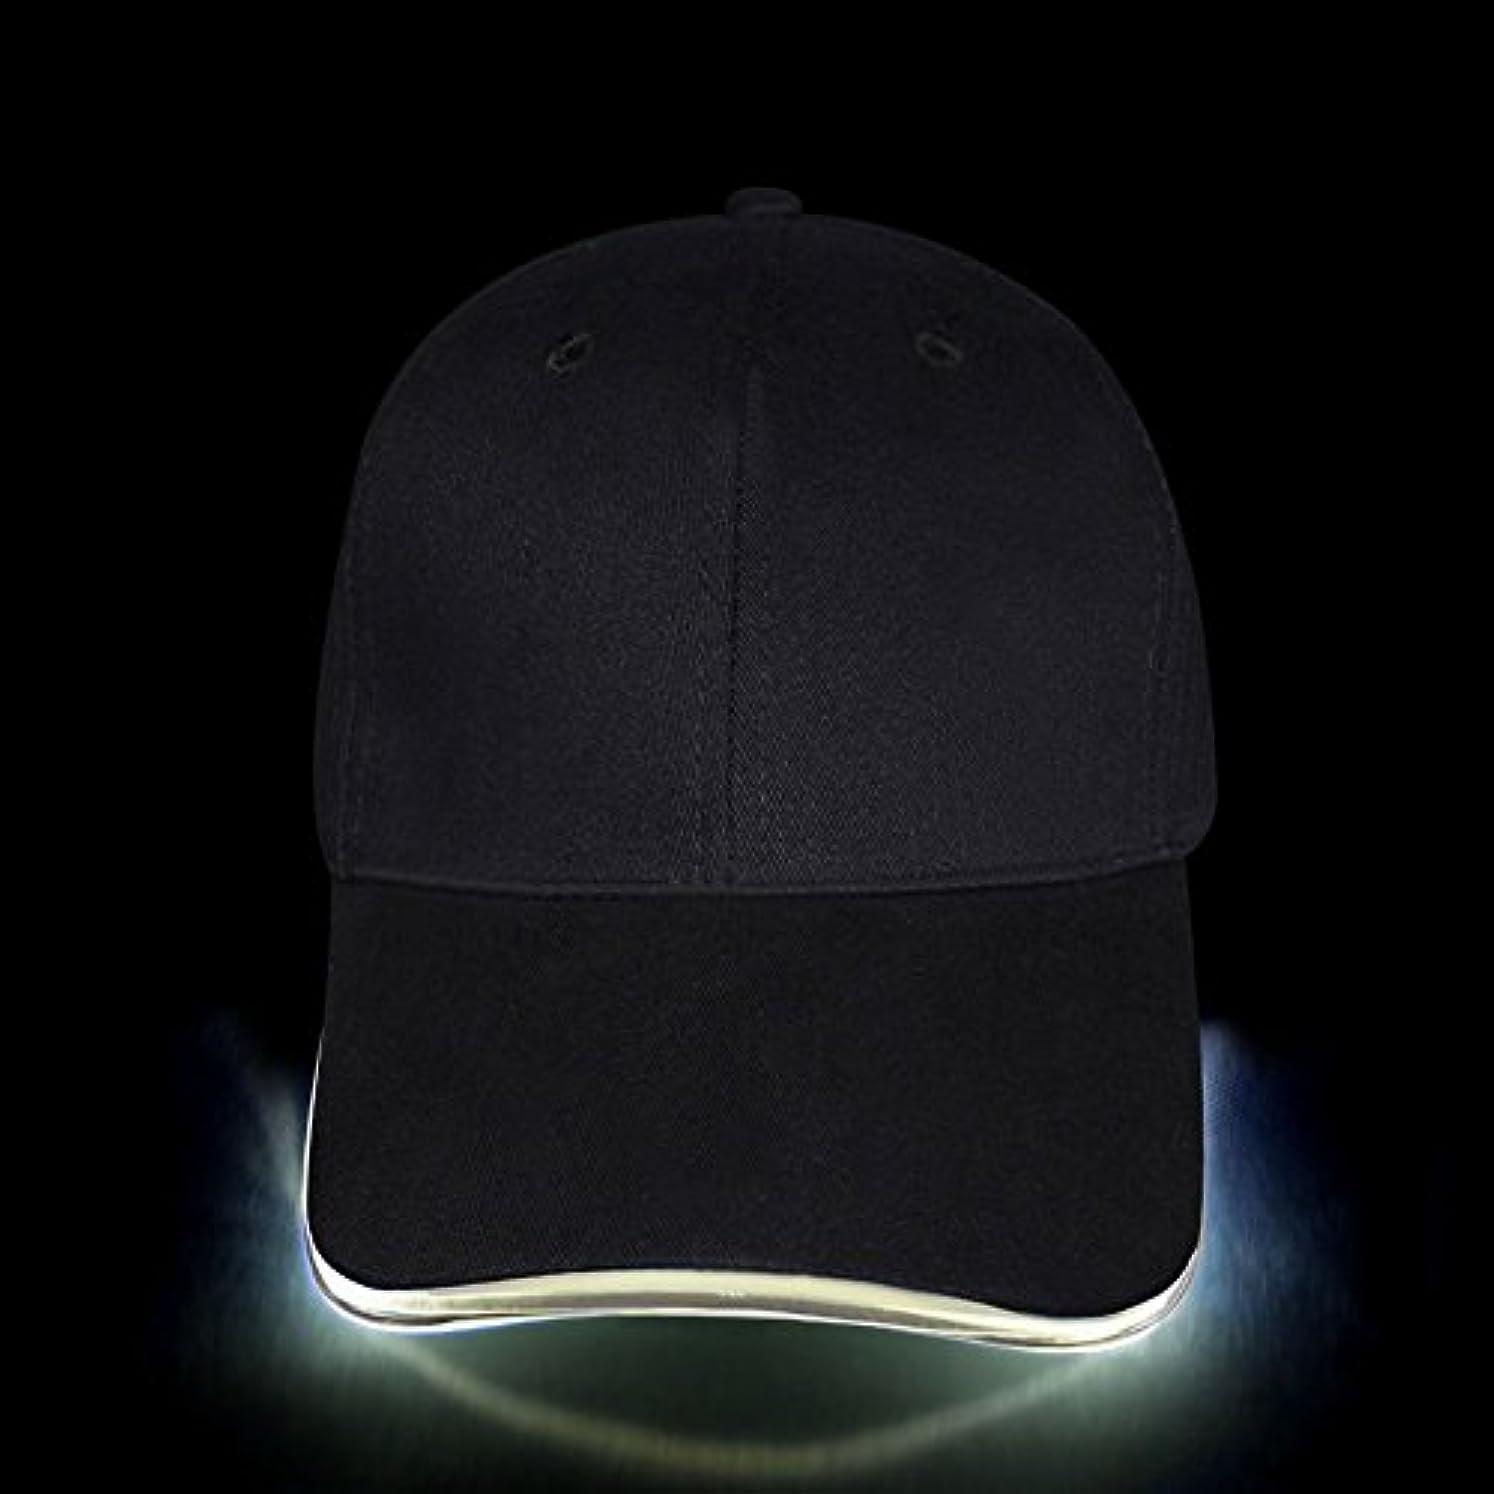 実験欠陥ベリーLED帽子、簡単に調整可能ライトUp BaseballキャップFlashing Brightレディースメンズスポーツ帽子ヒップホップのパーティー、ジョギング、キャンプ、クリスマス